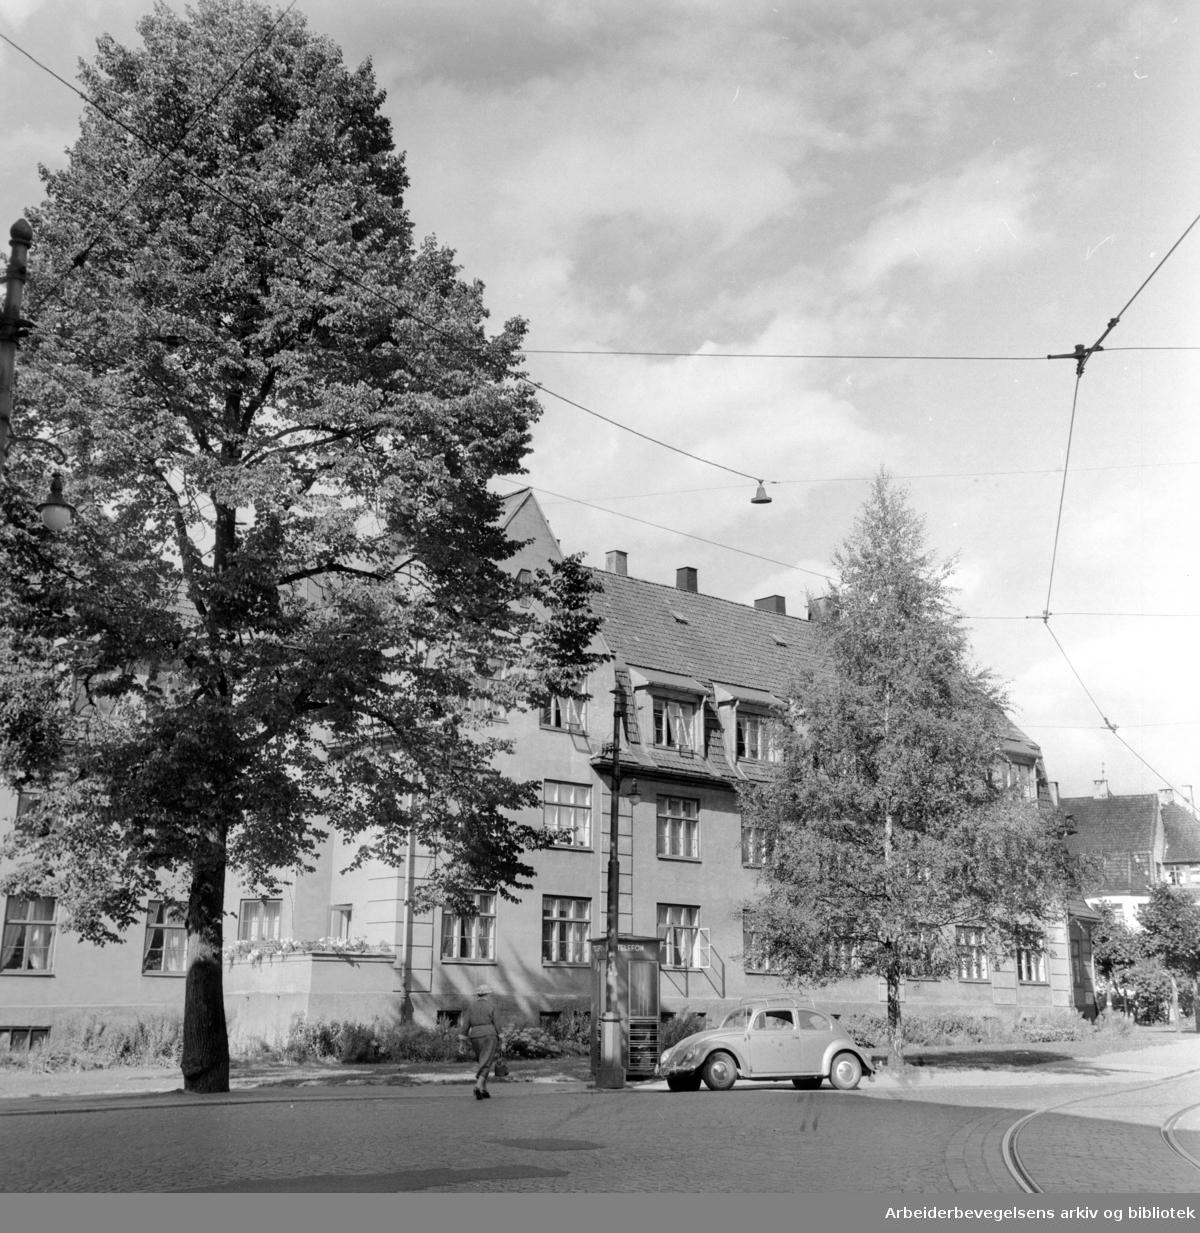 Lindern kompleksene. August 1959